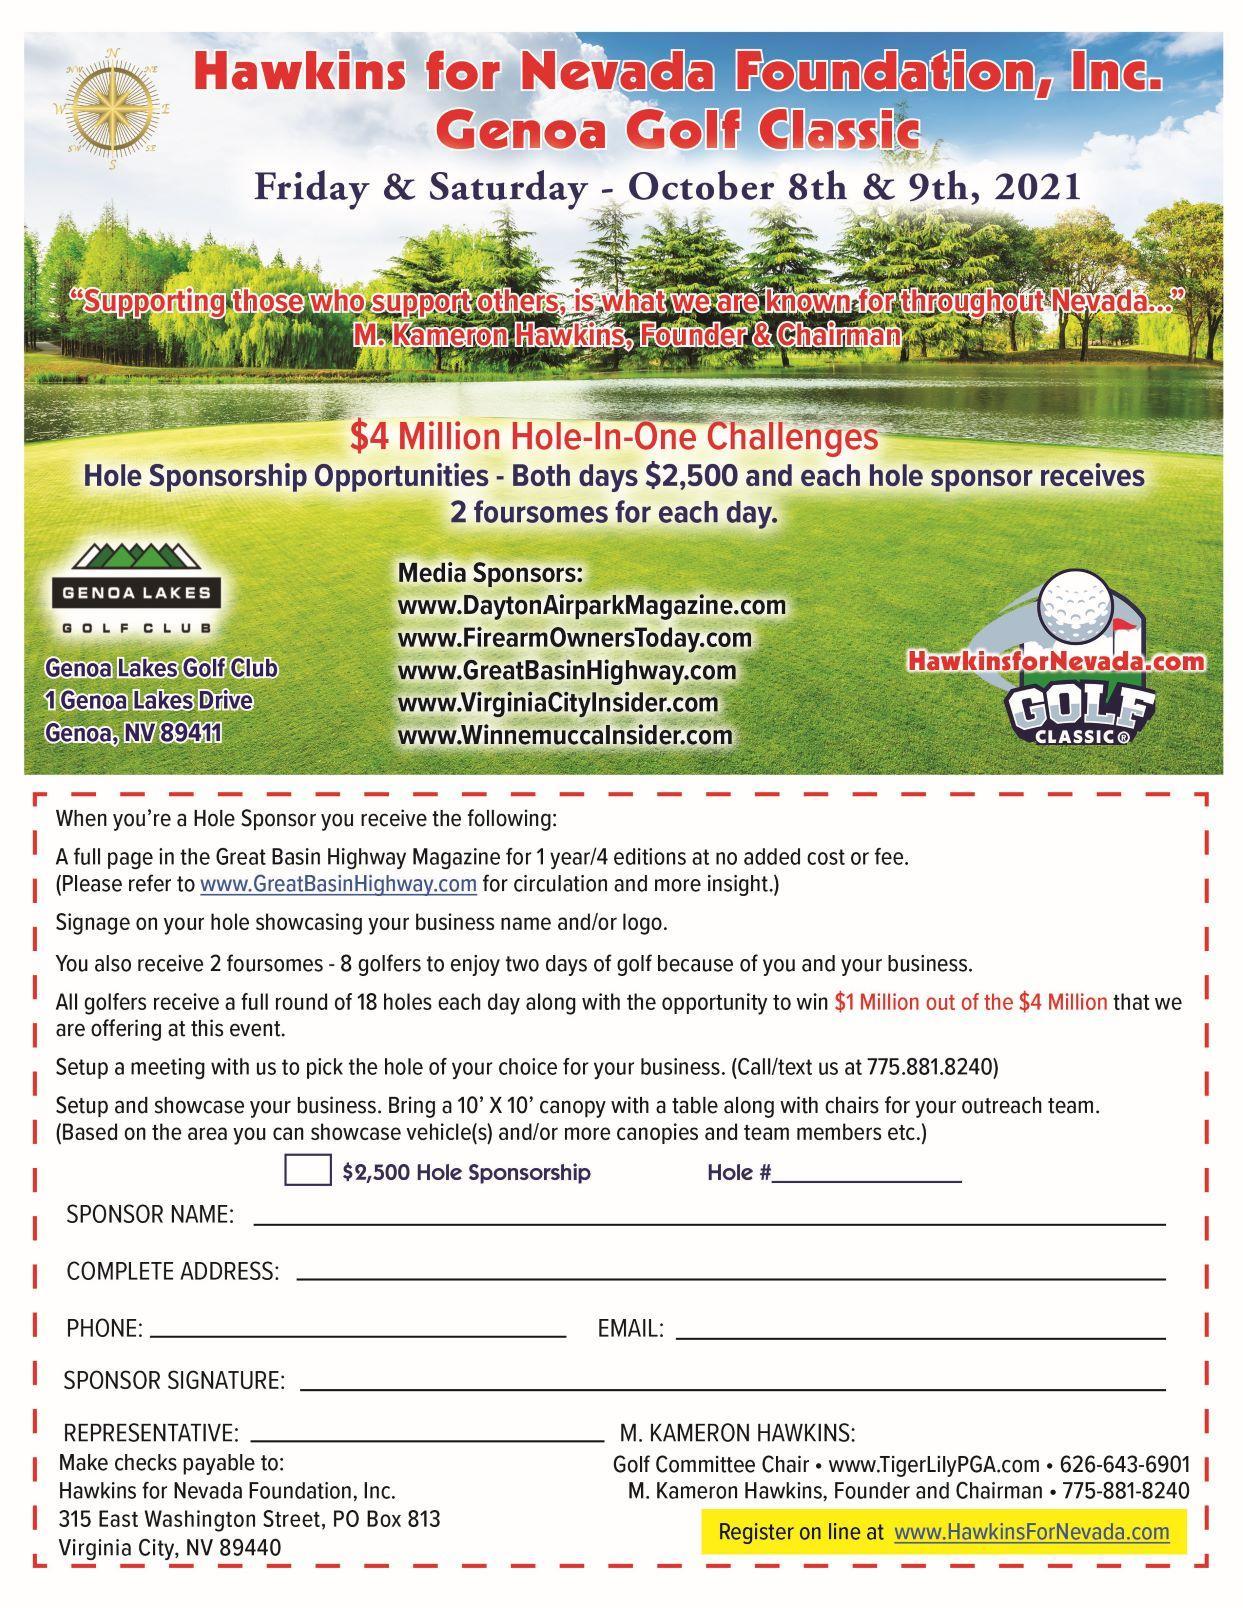 Genoa Golf Classic October 8th & 9th, 2021